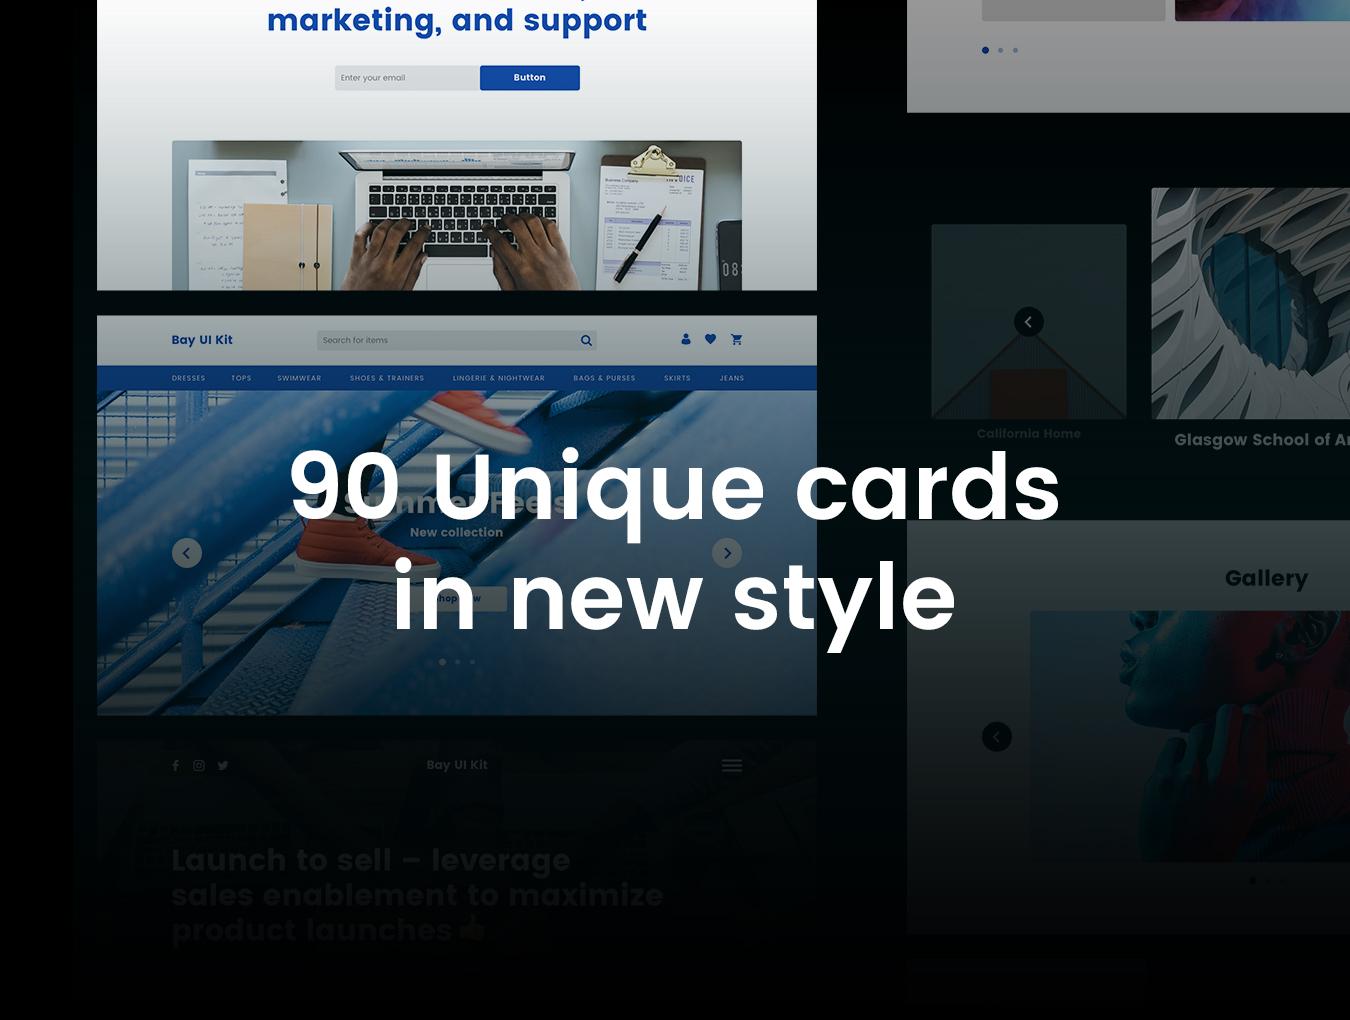 现代简约摄影设计工作室WEB网站UI界面设计模板 Bay UI Kit插图(3)